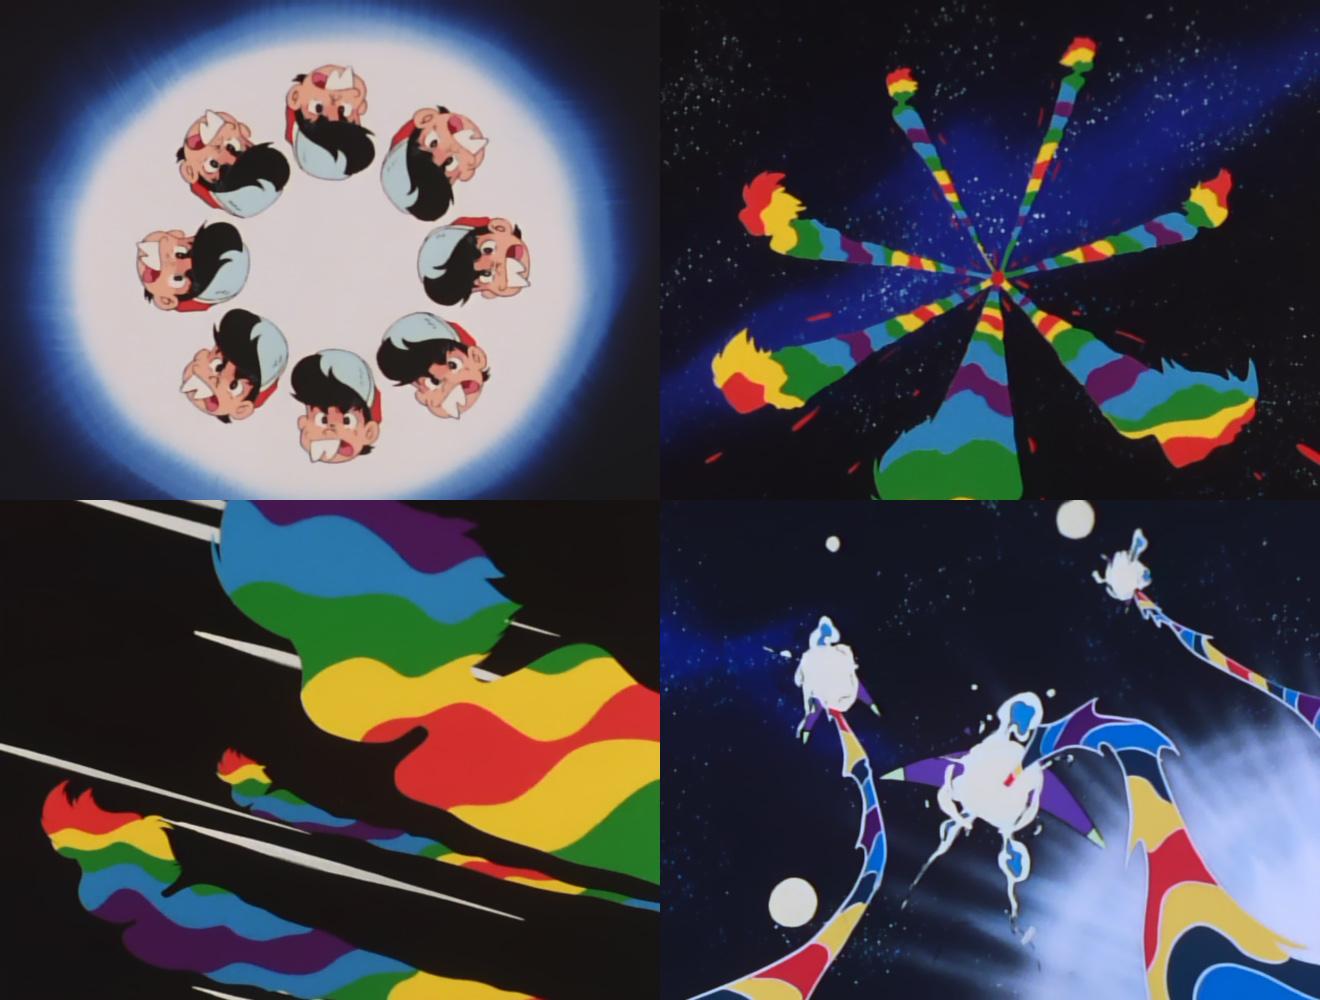 Game_Center_Arashi_N33_Rainbow_Bazooka_26wa.jpg